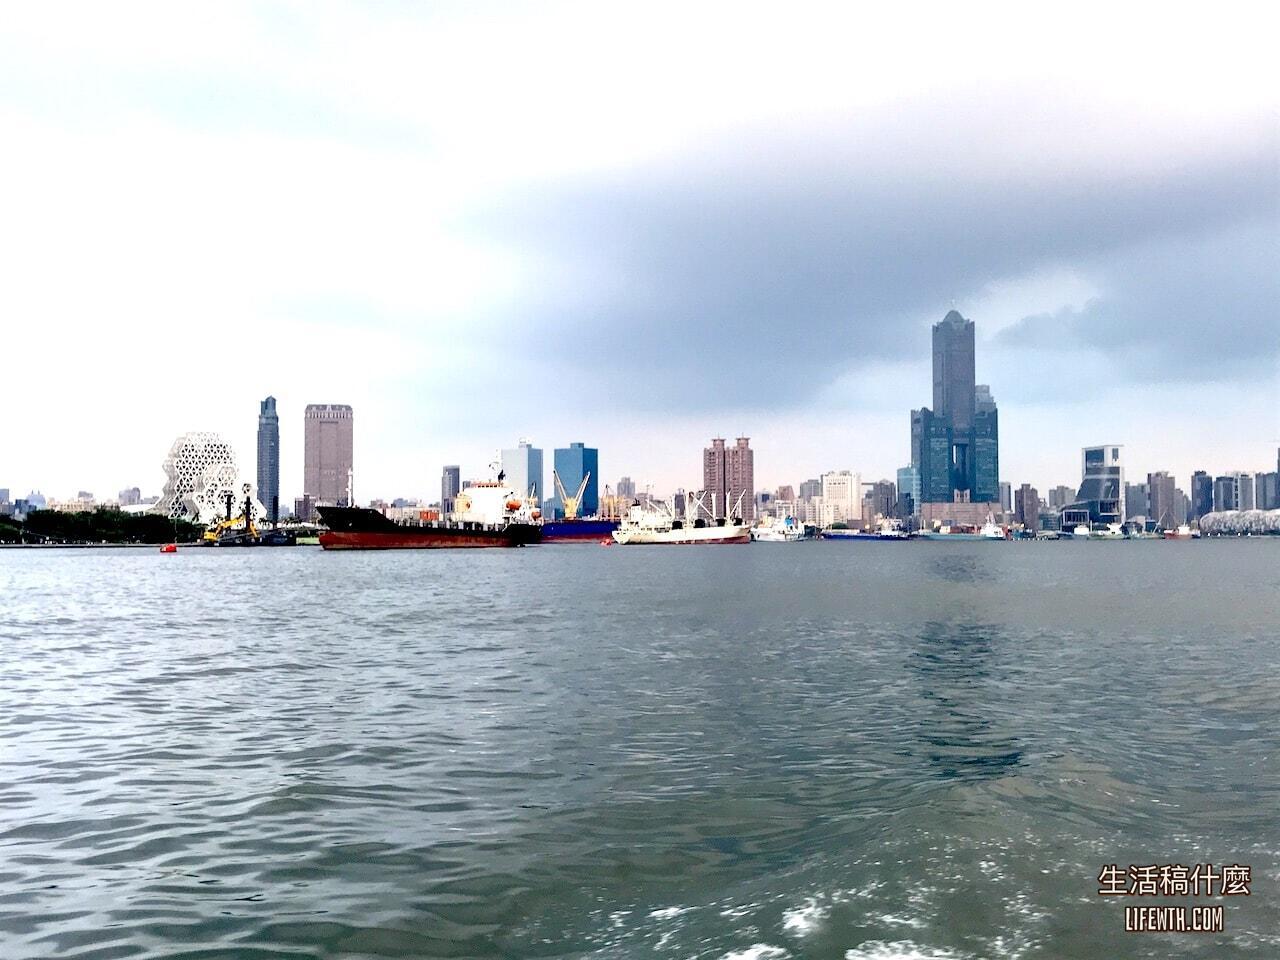 高雄駁二棧貳庫KW2文化遊艇,紅毛港大港巡航之旅